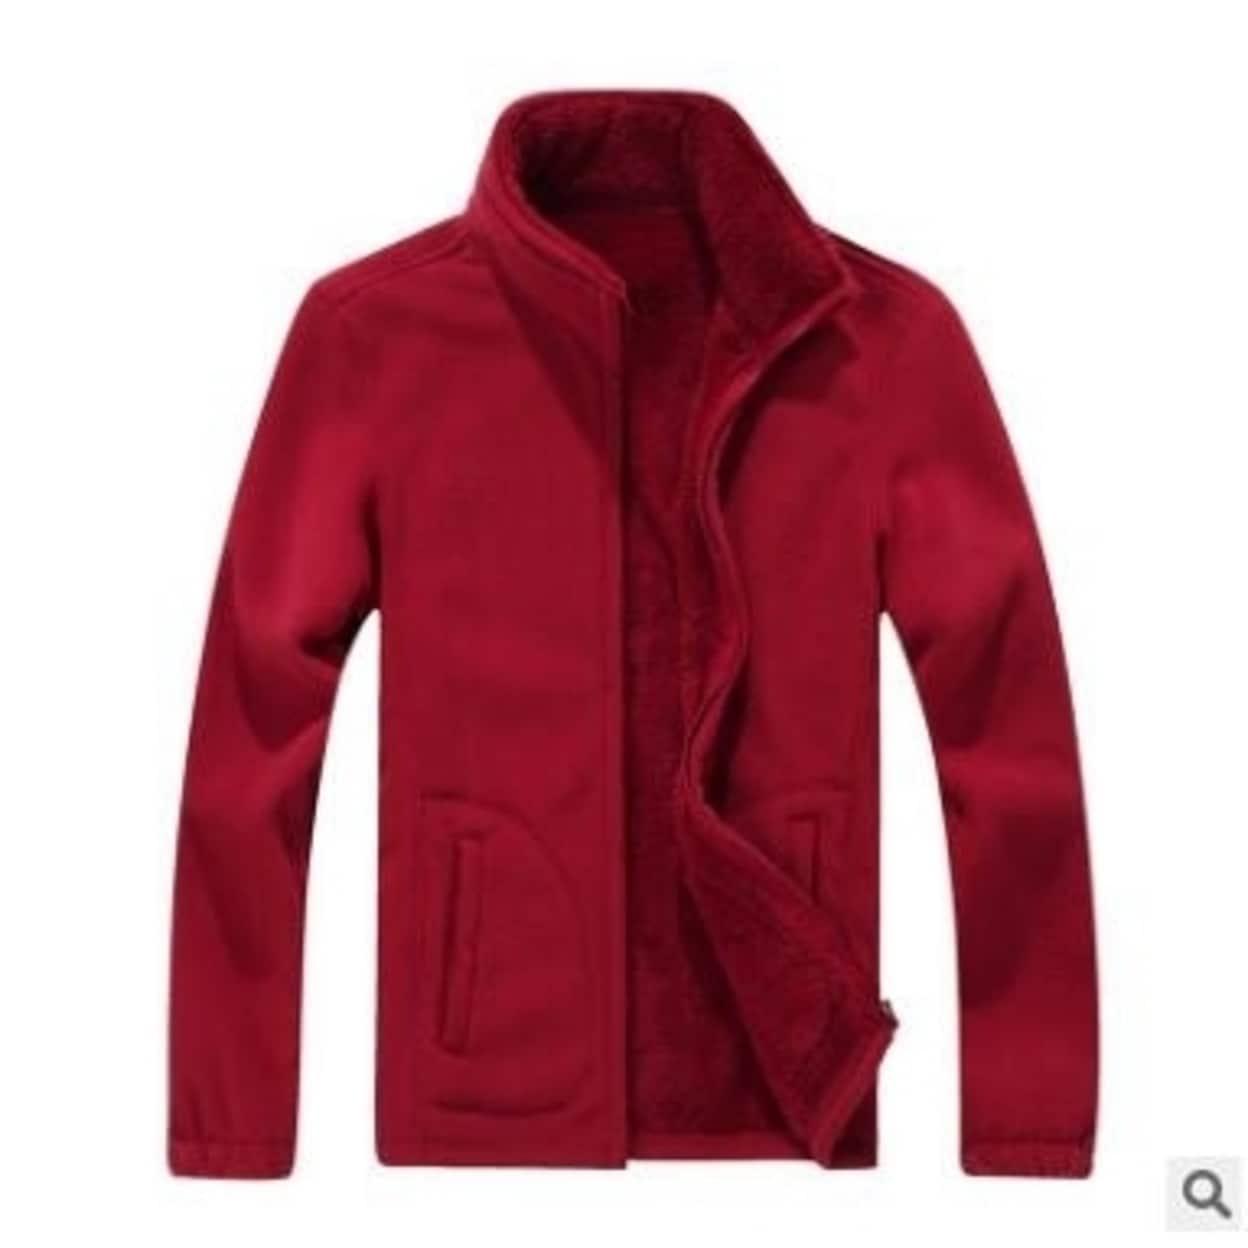 Men's Pullover Jackets Fleece Sweatshirt Wool Warm Thick Coats Outdoor Full  Zip Fleece Jacket - Overstock - 31154468